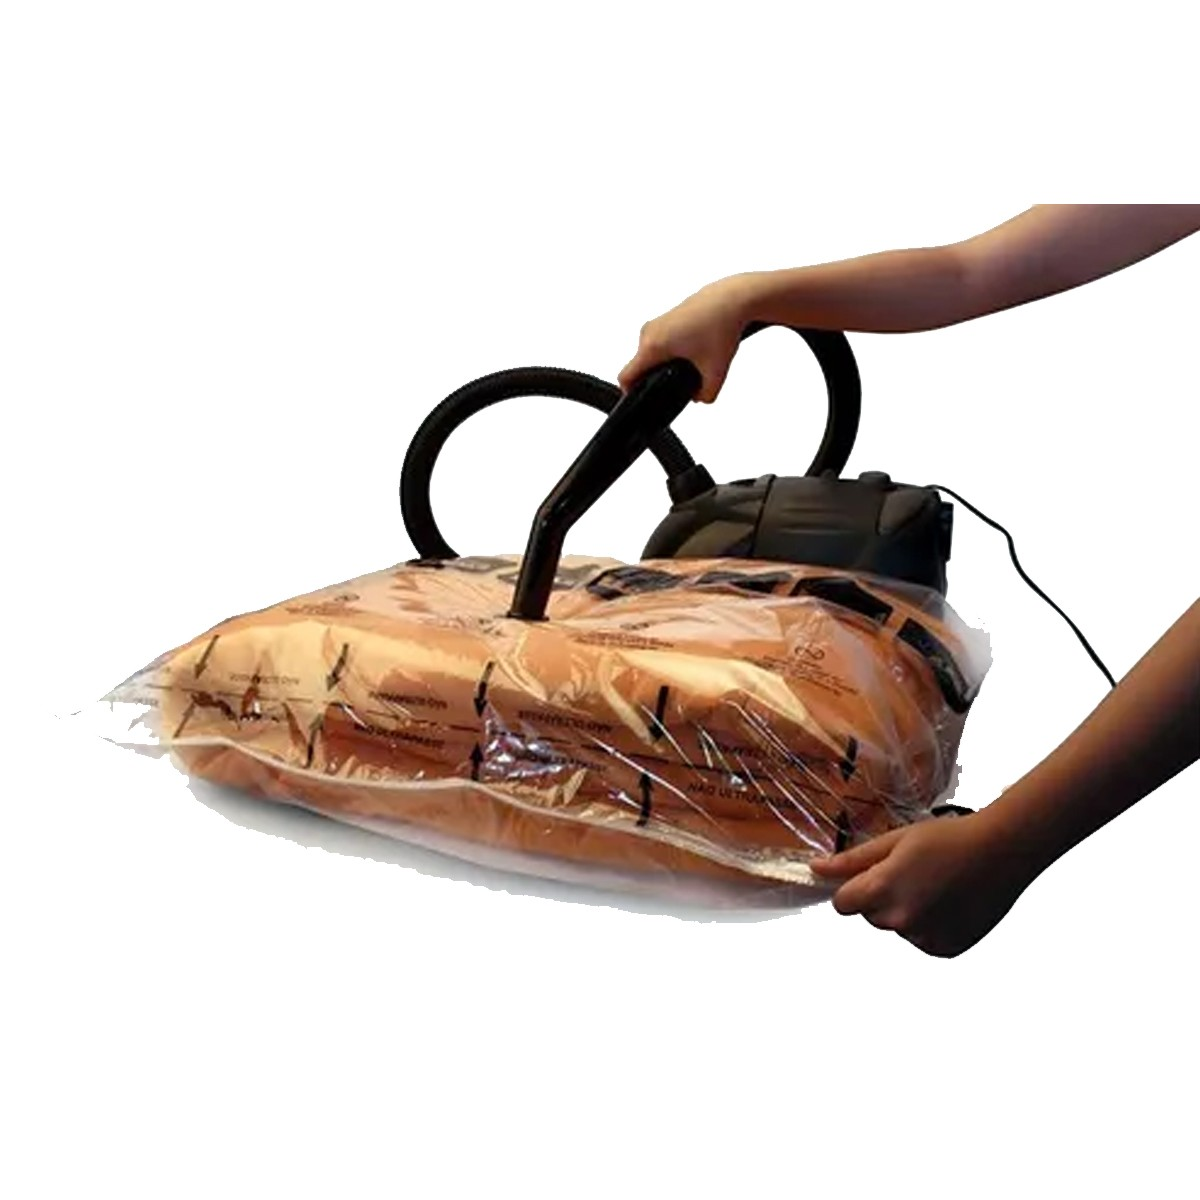 Kit 2 Sacos Para Embalagem A Vácuo Médio 56,5 X 44,5cm